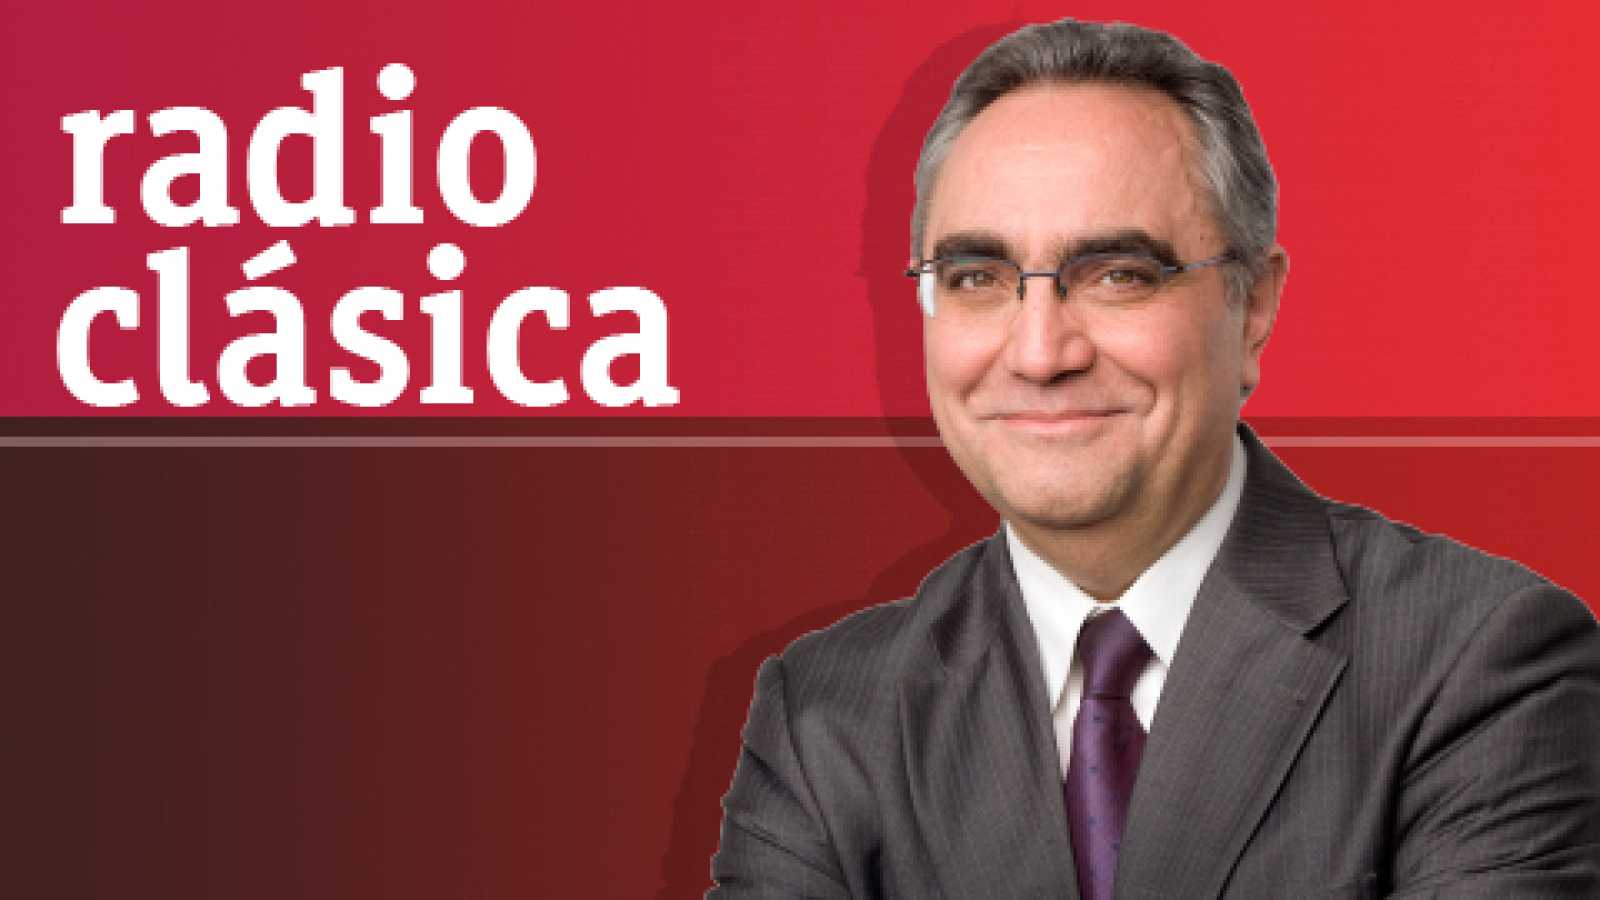 El secreto de las musas - Palestrina - 12/04/14 - escuchar ahora